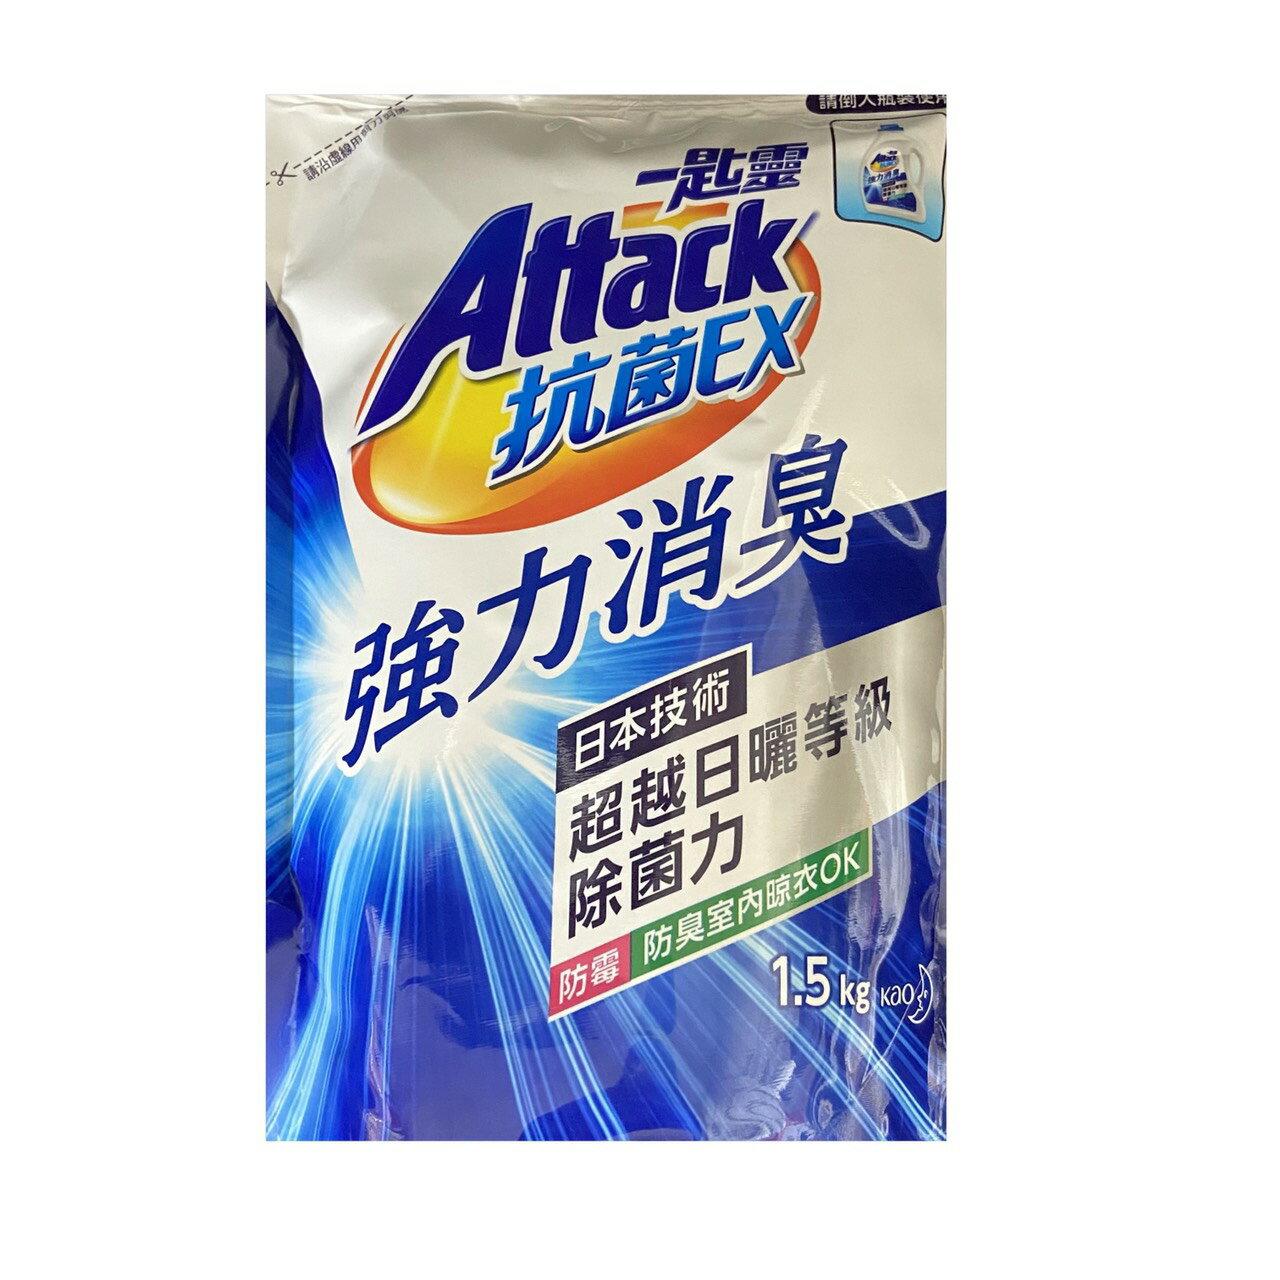 一匙靈 抗菌EX科技潔淨補充包 1.5KG 超商取貨最多5包 哈帝